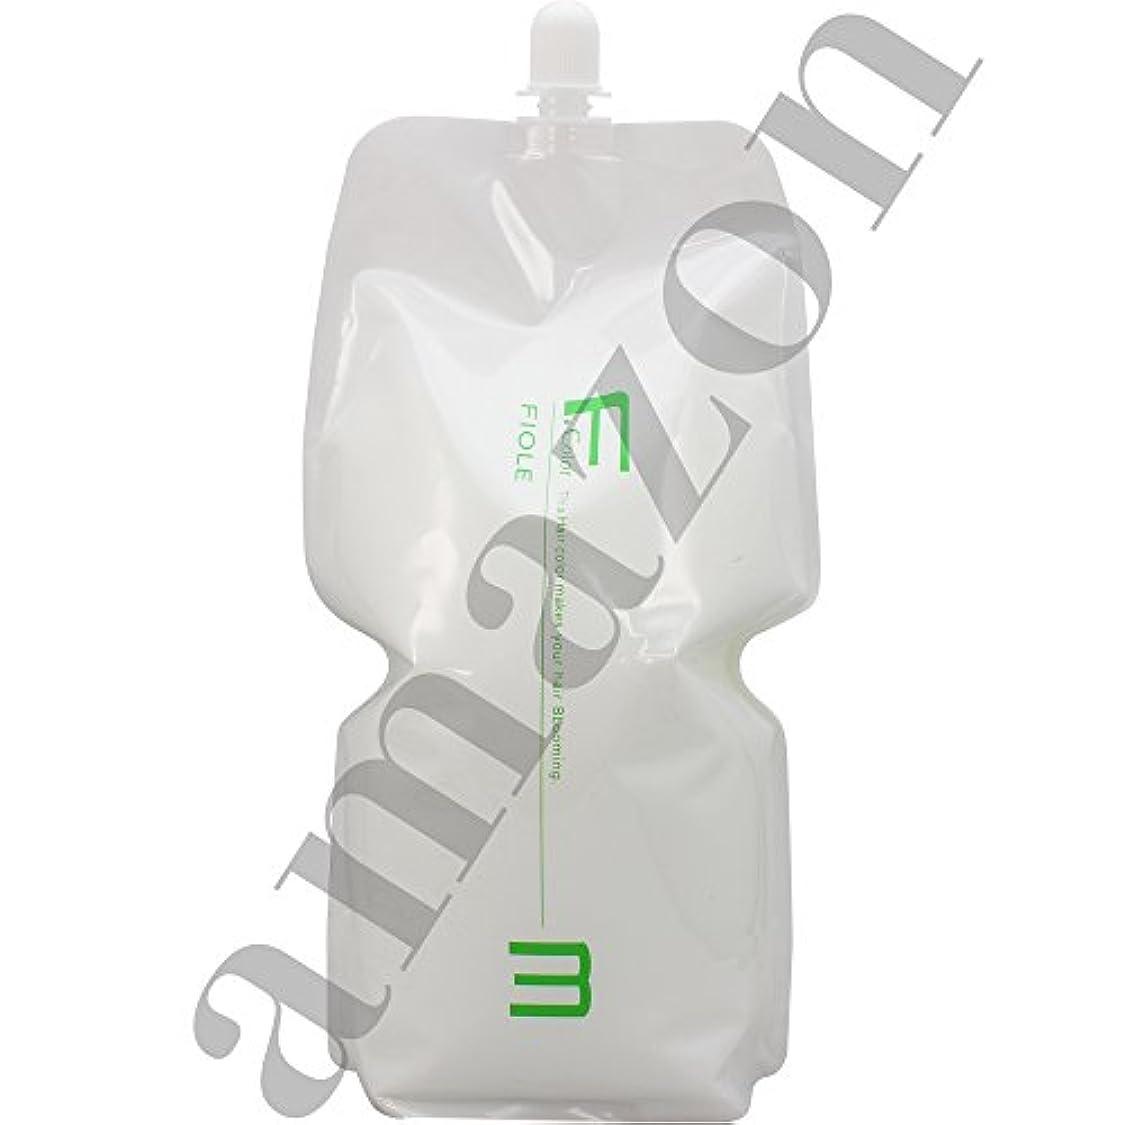 貯水池変色する差別フィヨーレ BLカラー OX 2000ml 染毛補助剤 第2剤 パウチ (OX3%)